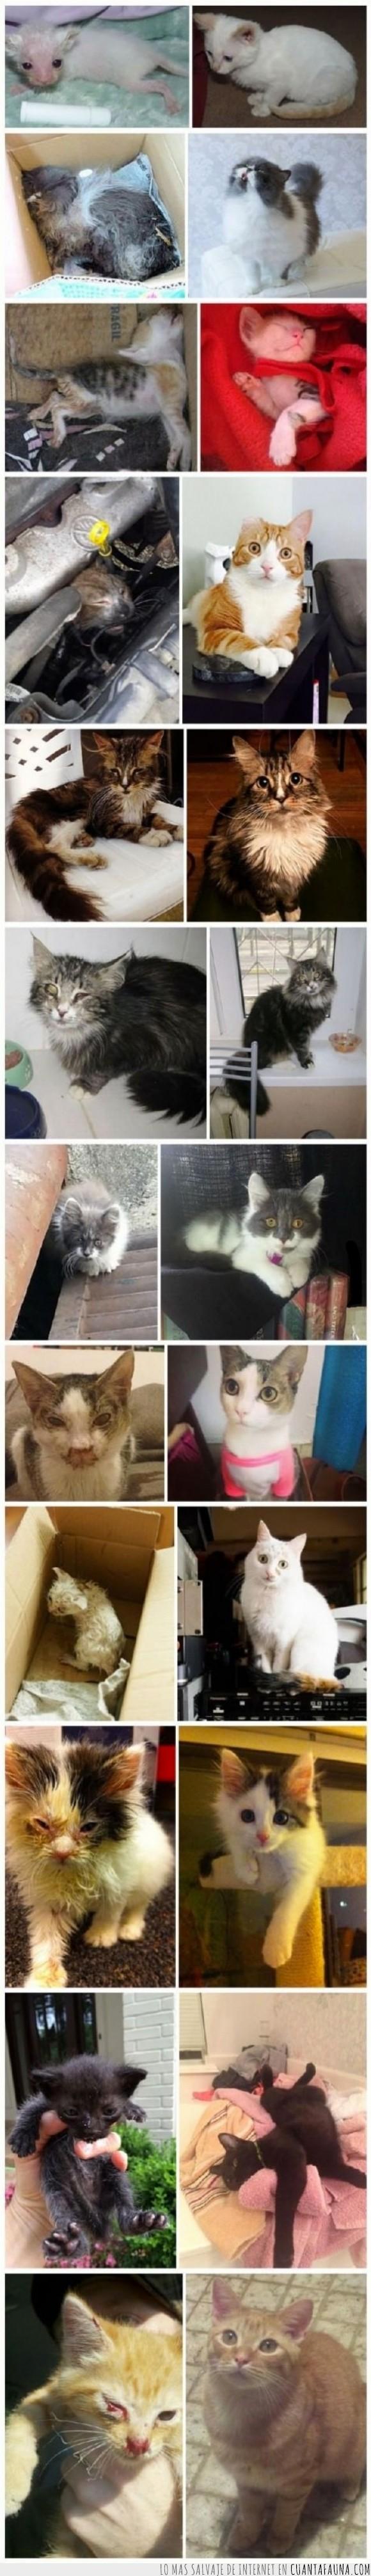 adopcion,adoptar,callejeros,Gatos,rescatar,rescate